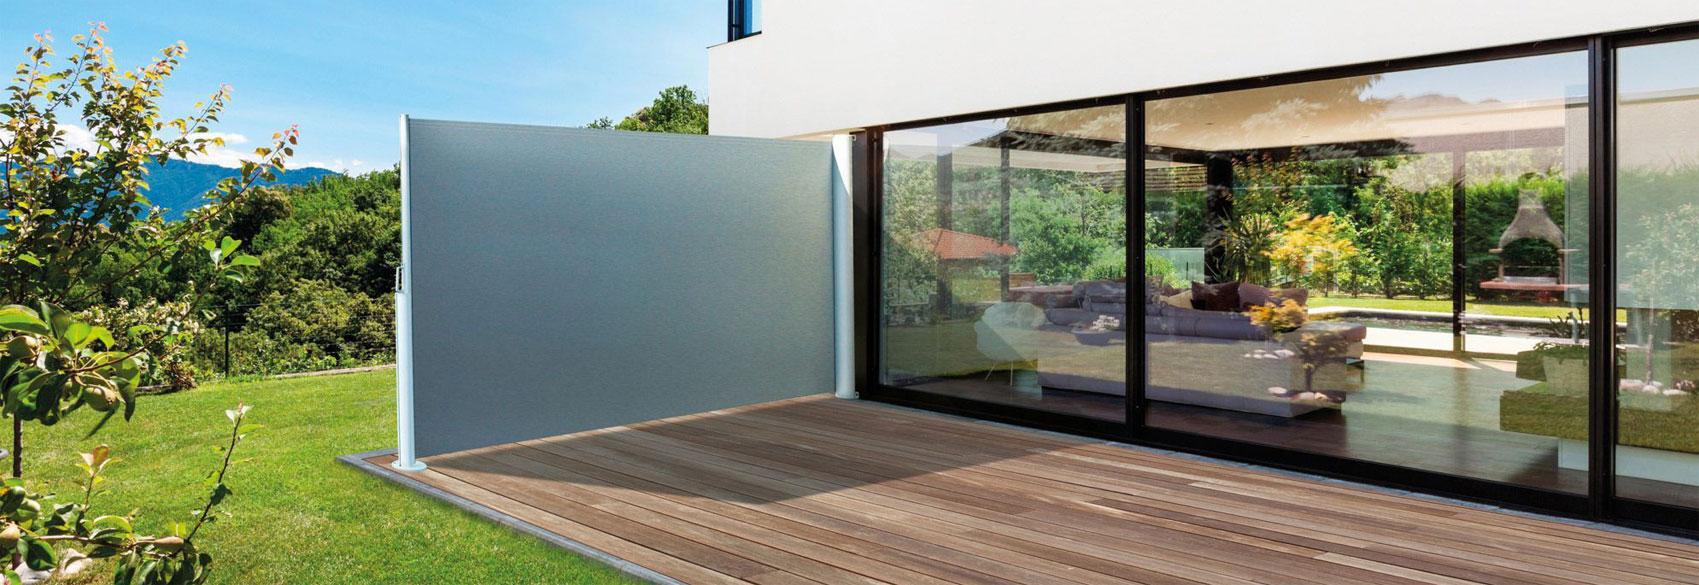 brise vue fait maison elegant panneau claustra quelle clture pour protger mon jardin des. Black Bedroom Furniture Sets. Home Design Ideas